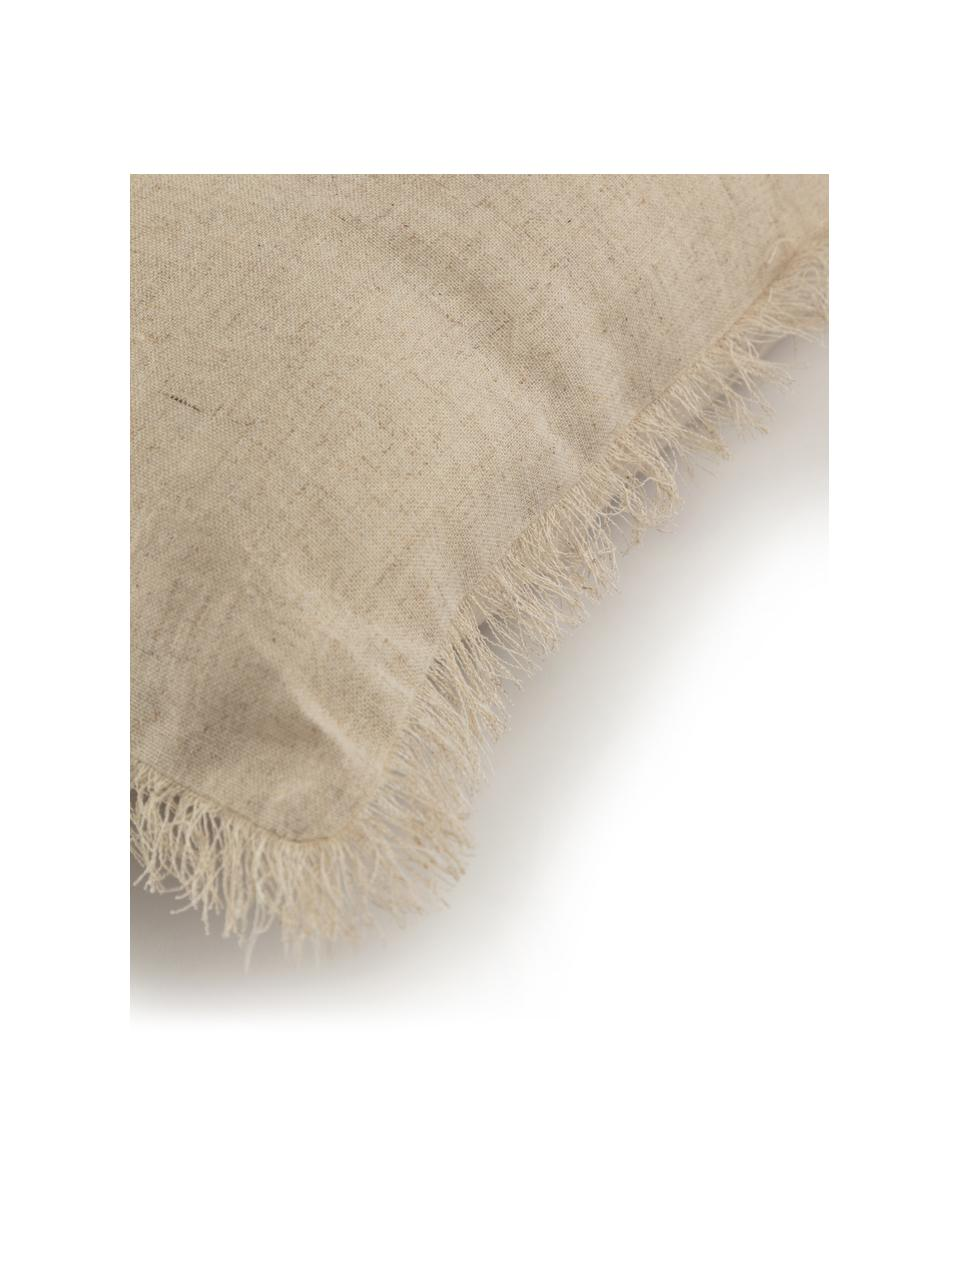 Zweifarbige Kissenhülle Silene mit Fransen, 100% Baumwolle, Beige, 45 x 45 cm